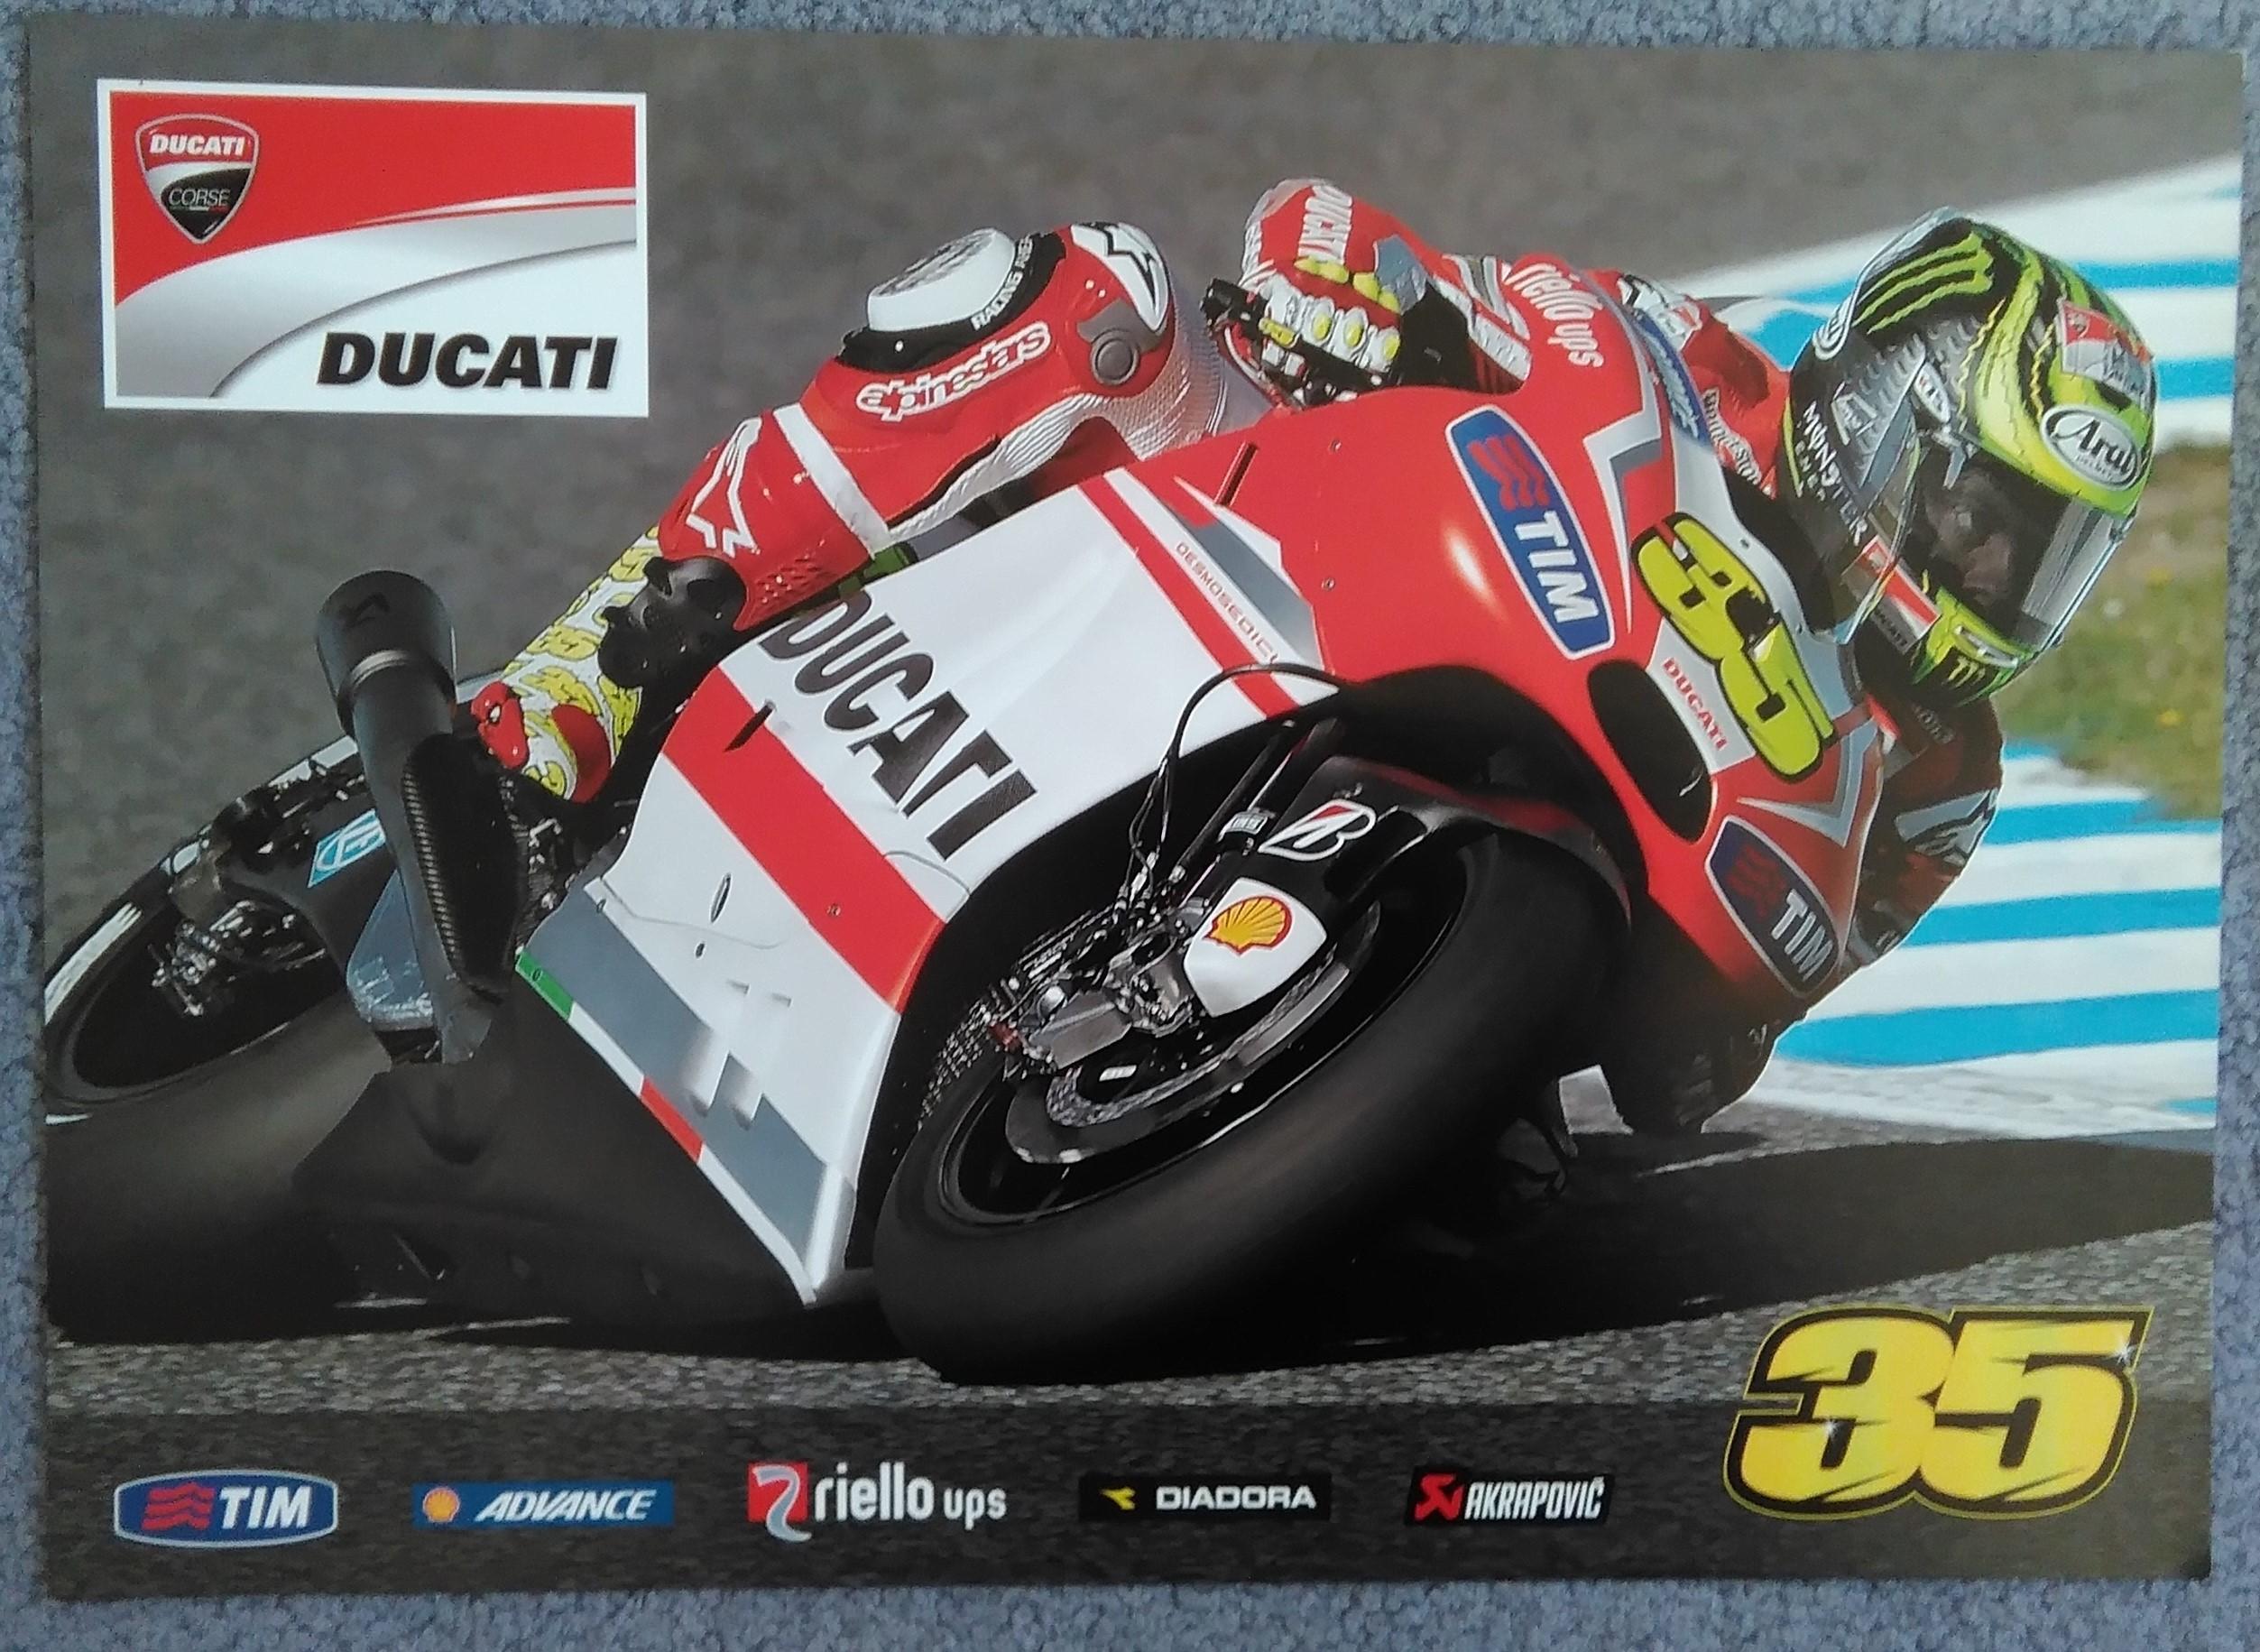 Cal Crutchlow-Ducati Moto GP